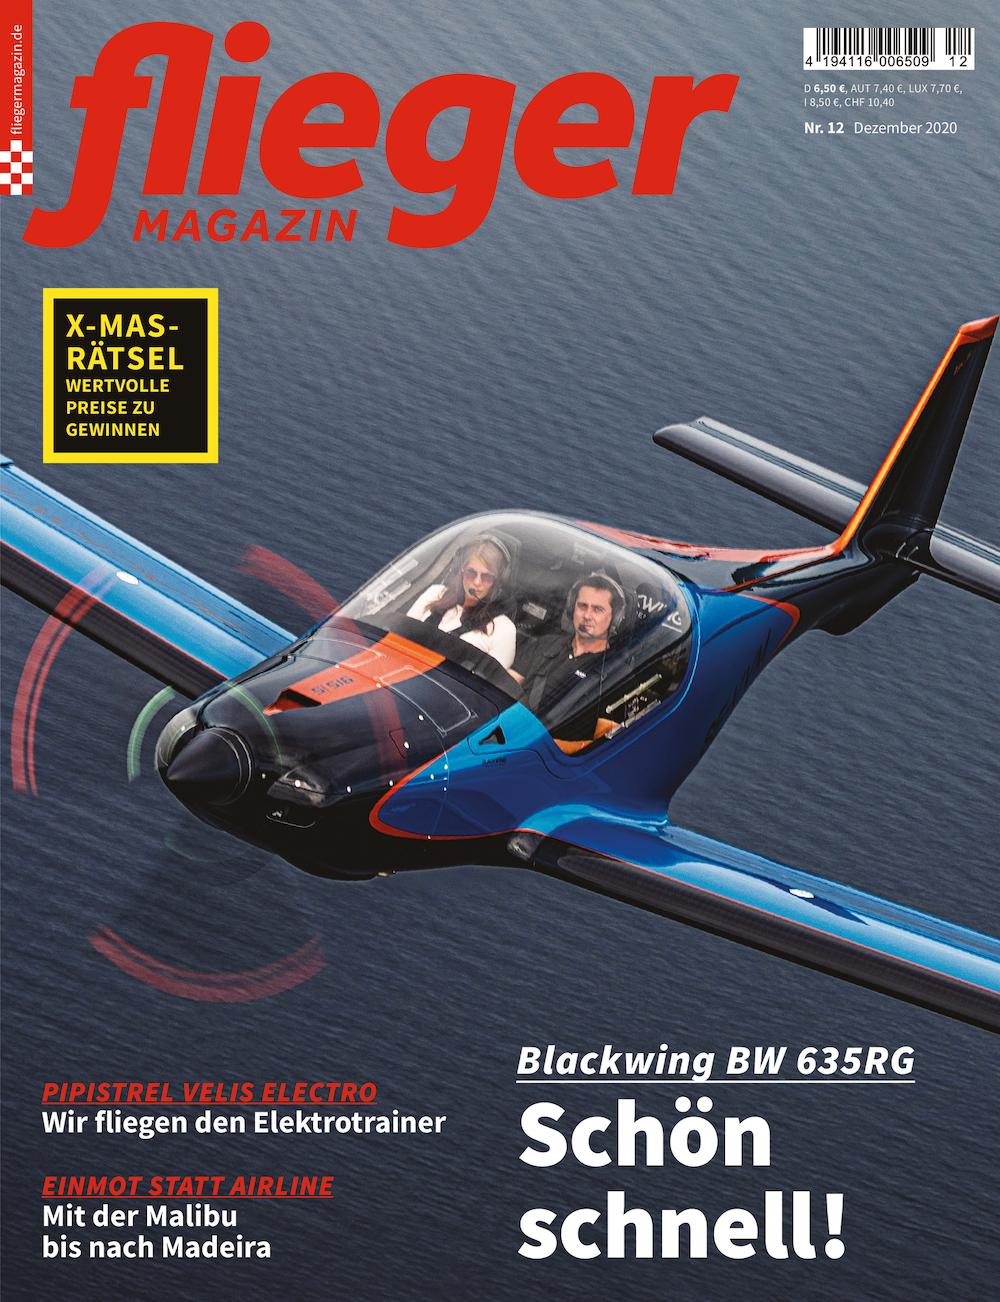 Blackwing BW 635RG: Schön schnell!